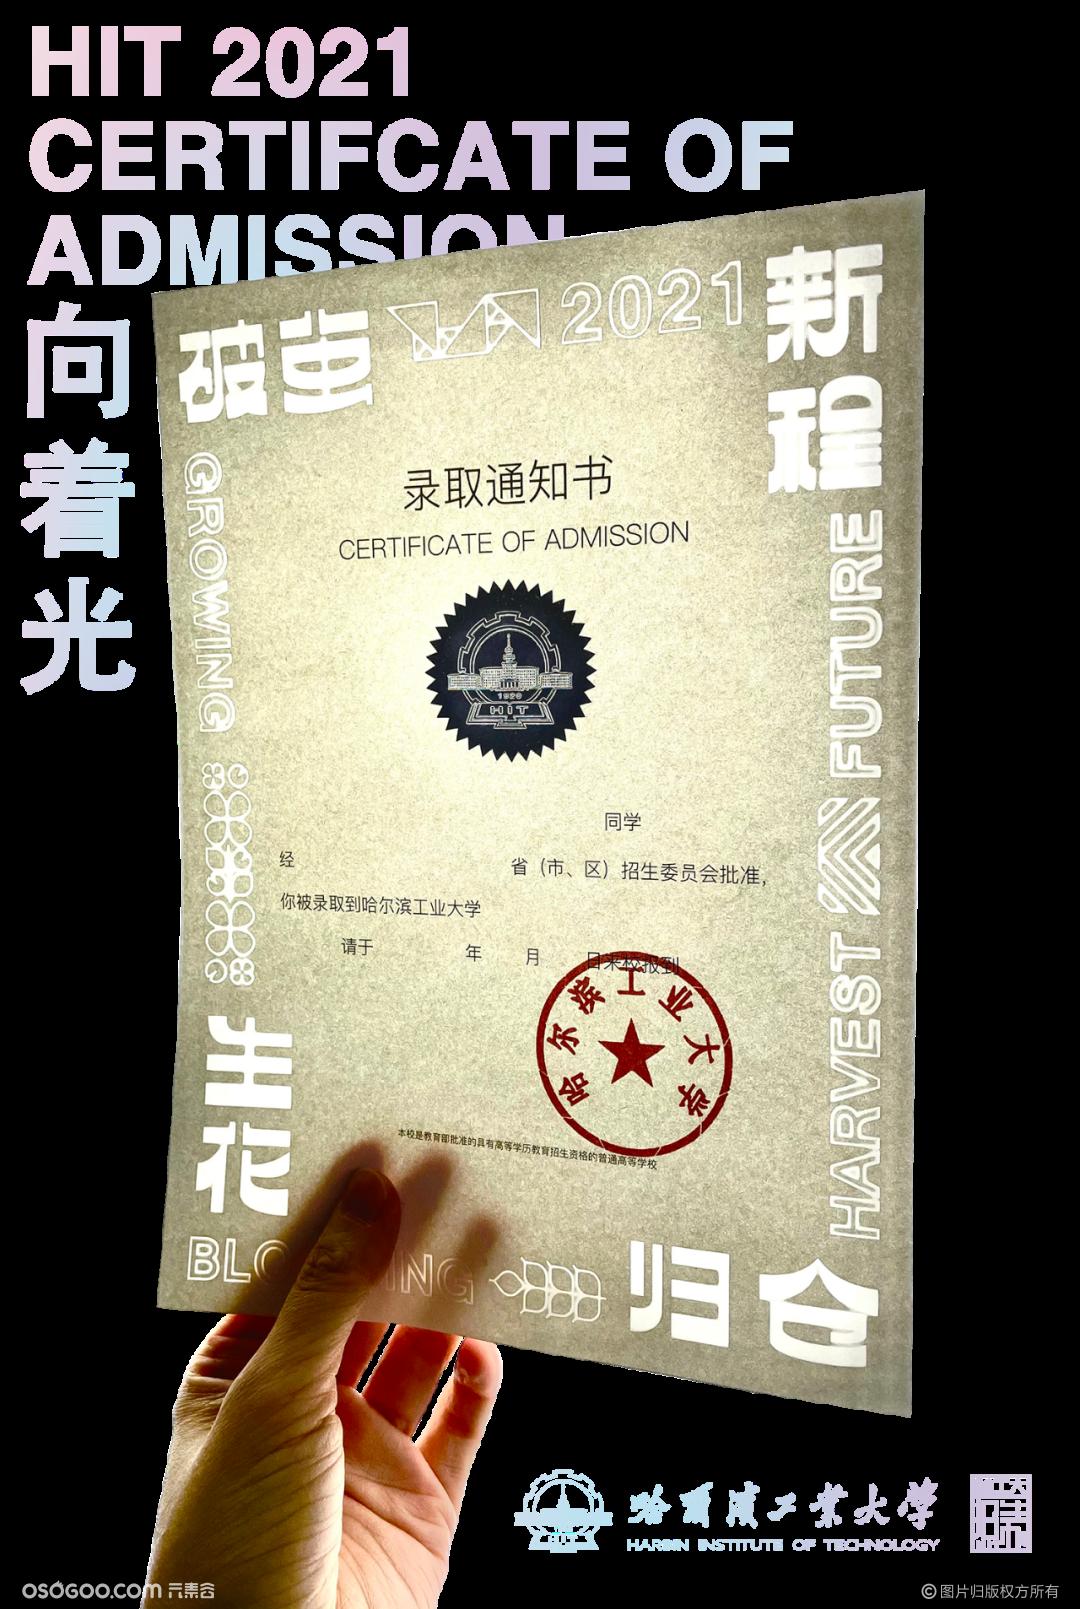 哈尔滨工业大学的录取通知书